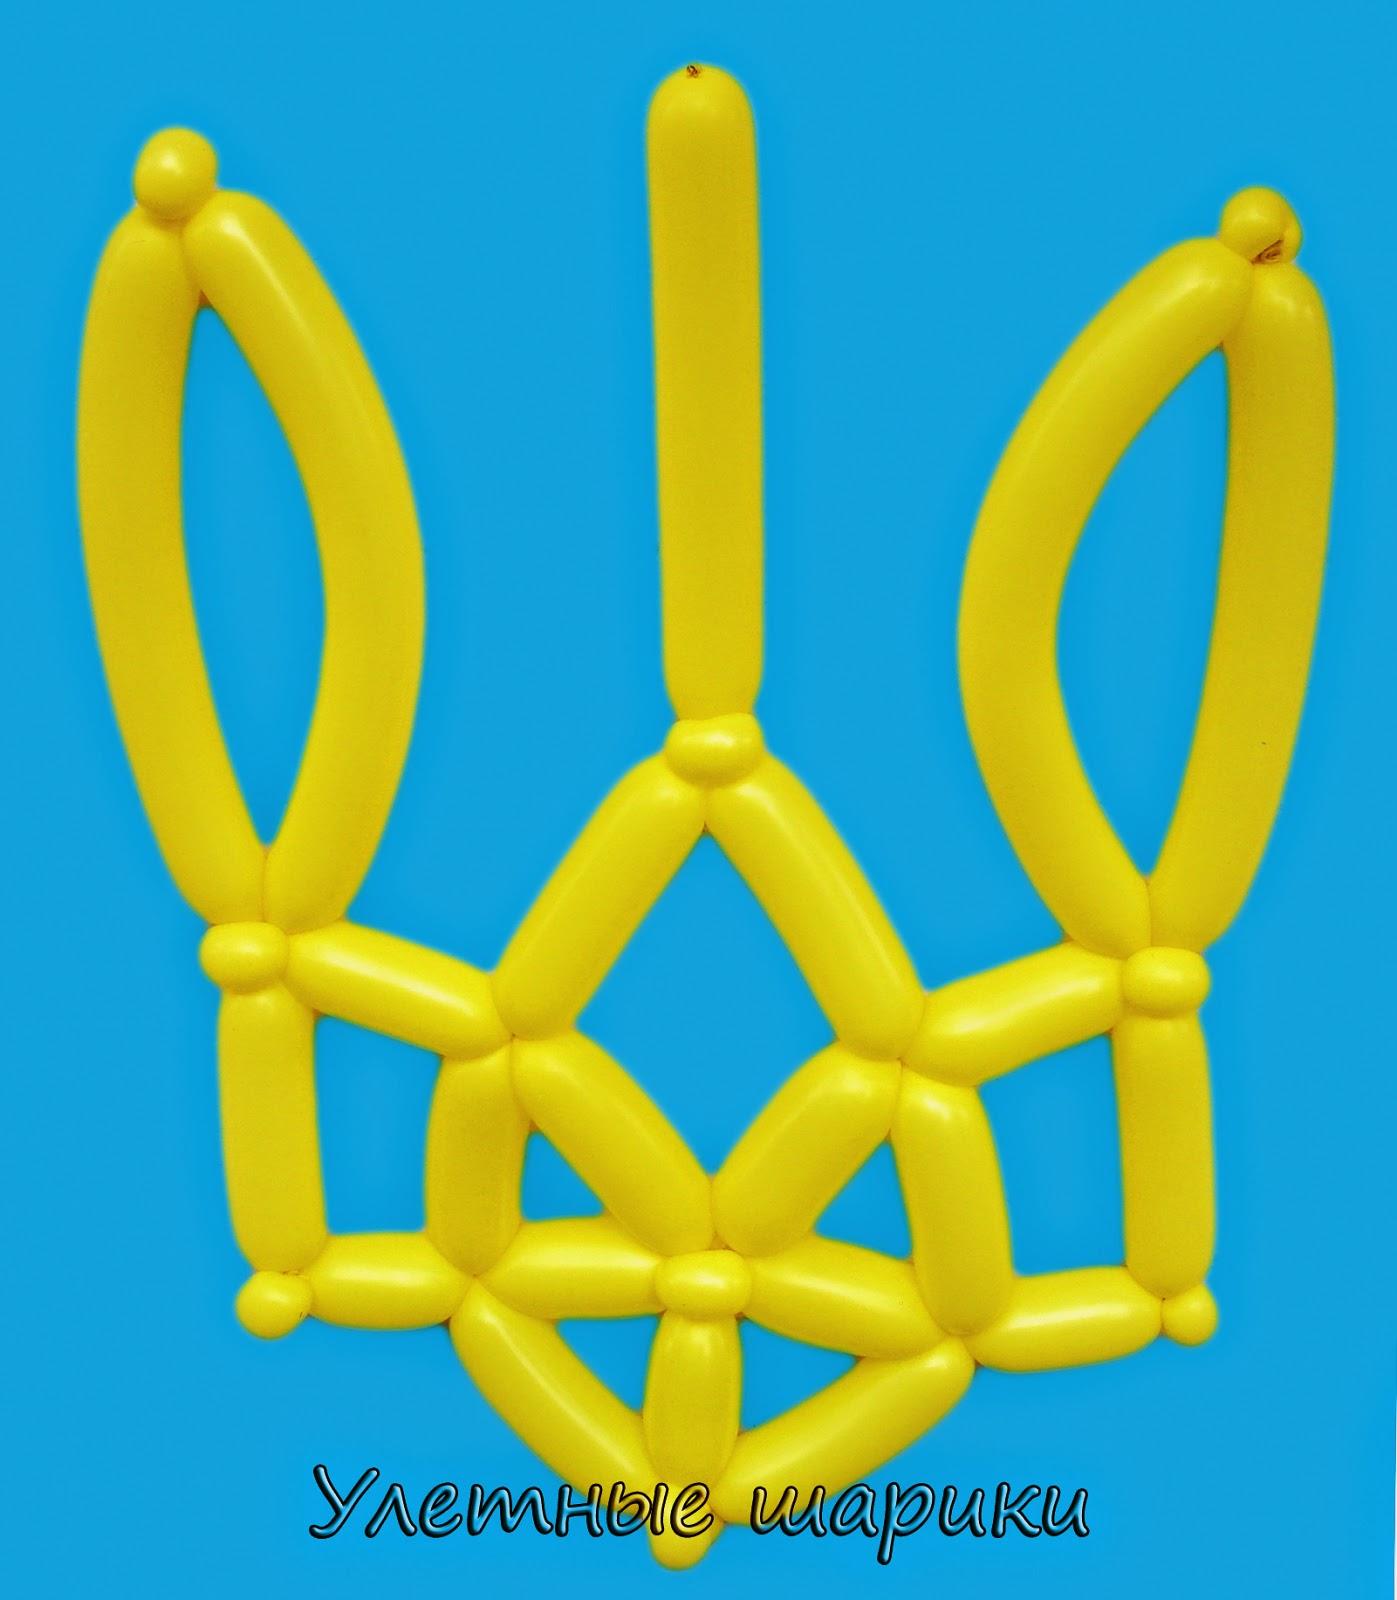 Герб Украины из шаров